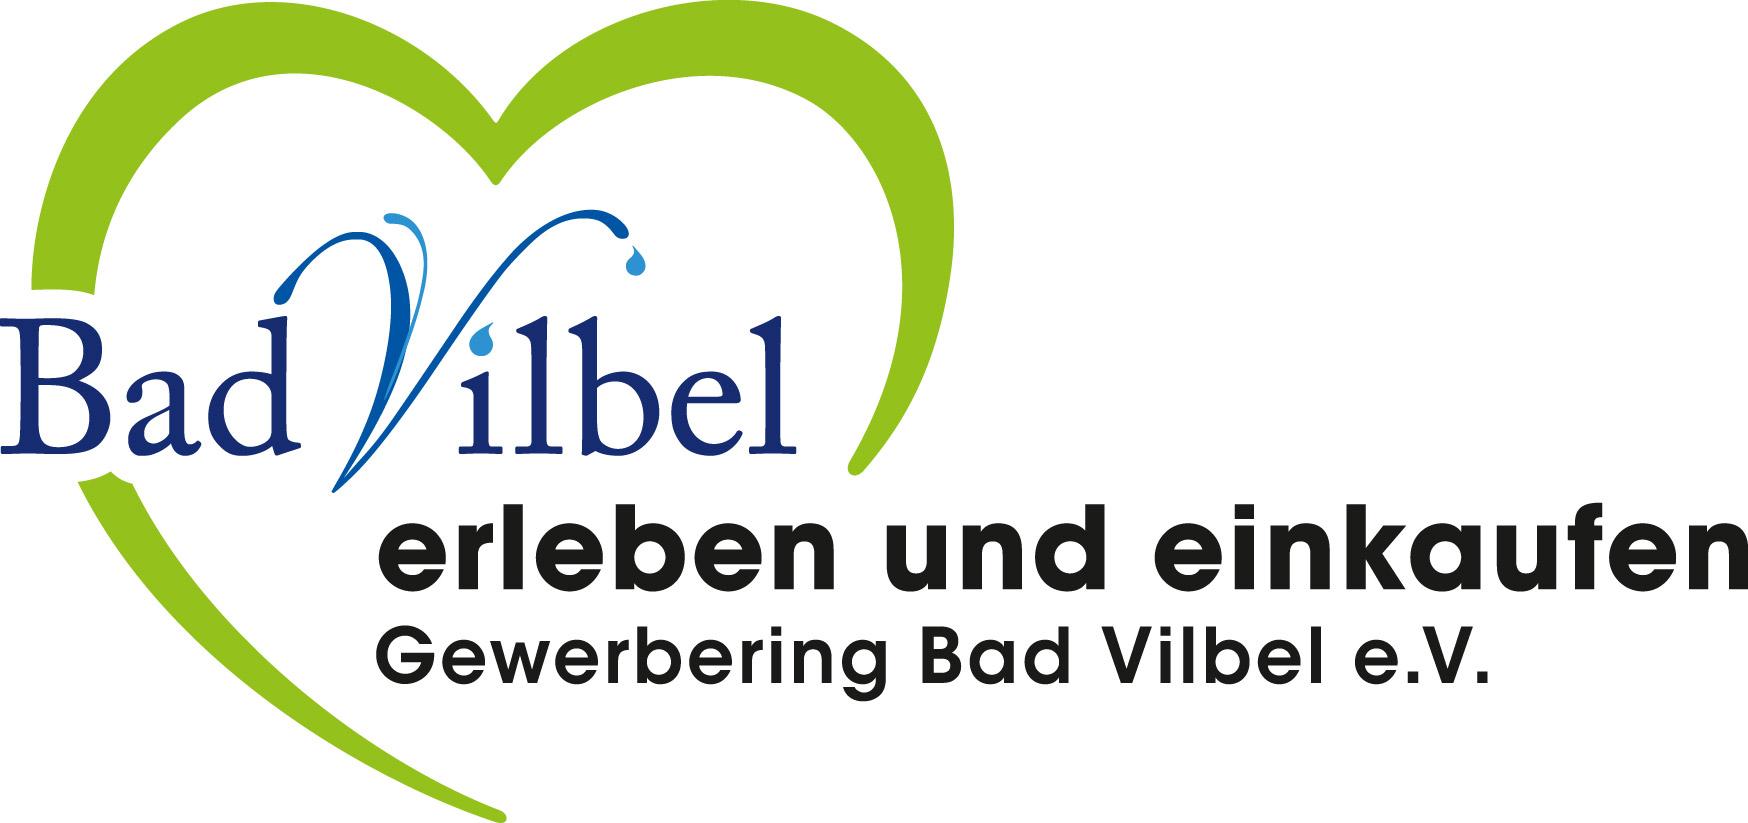 Gewerbering Bad Vilbel